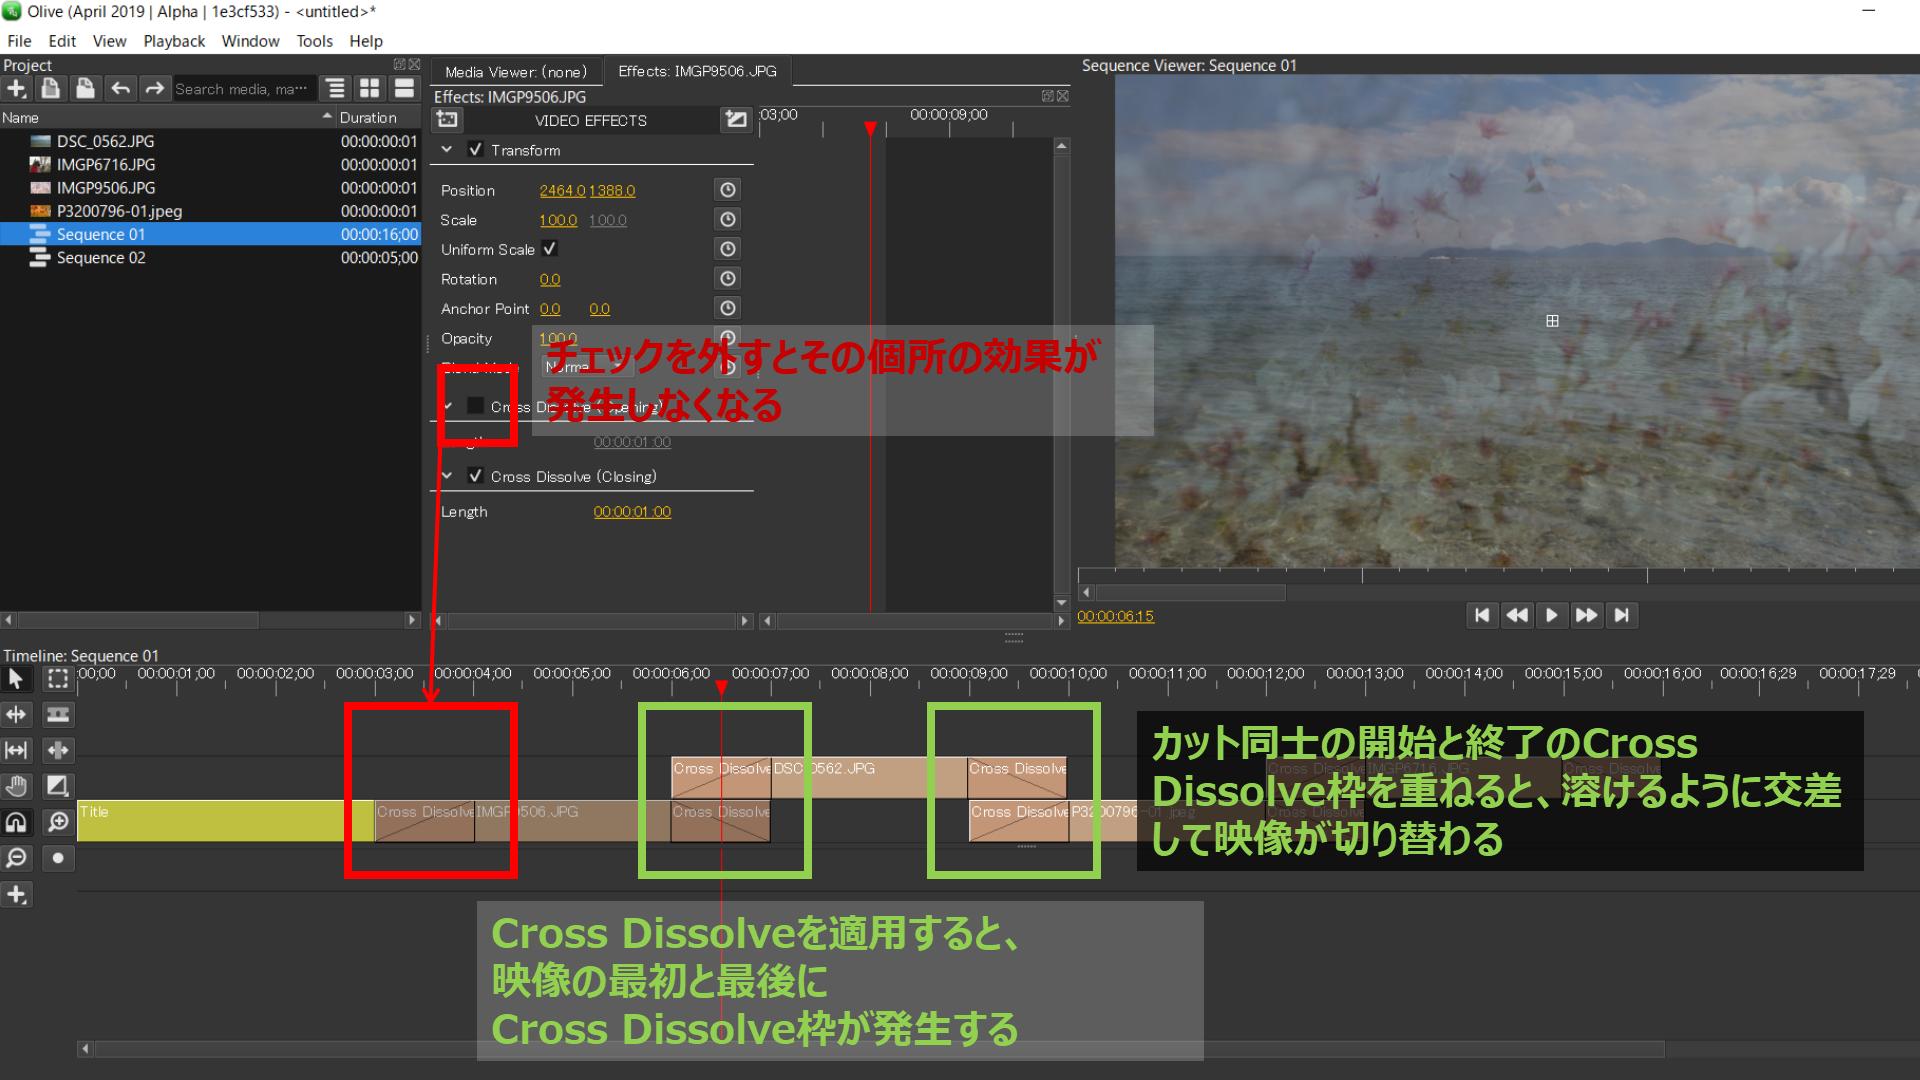 シーケンス上の要素同士のOpeningとClosingを重ねることで映像が交差する